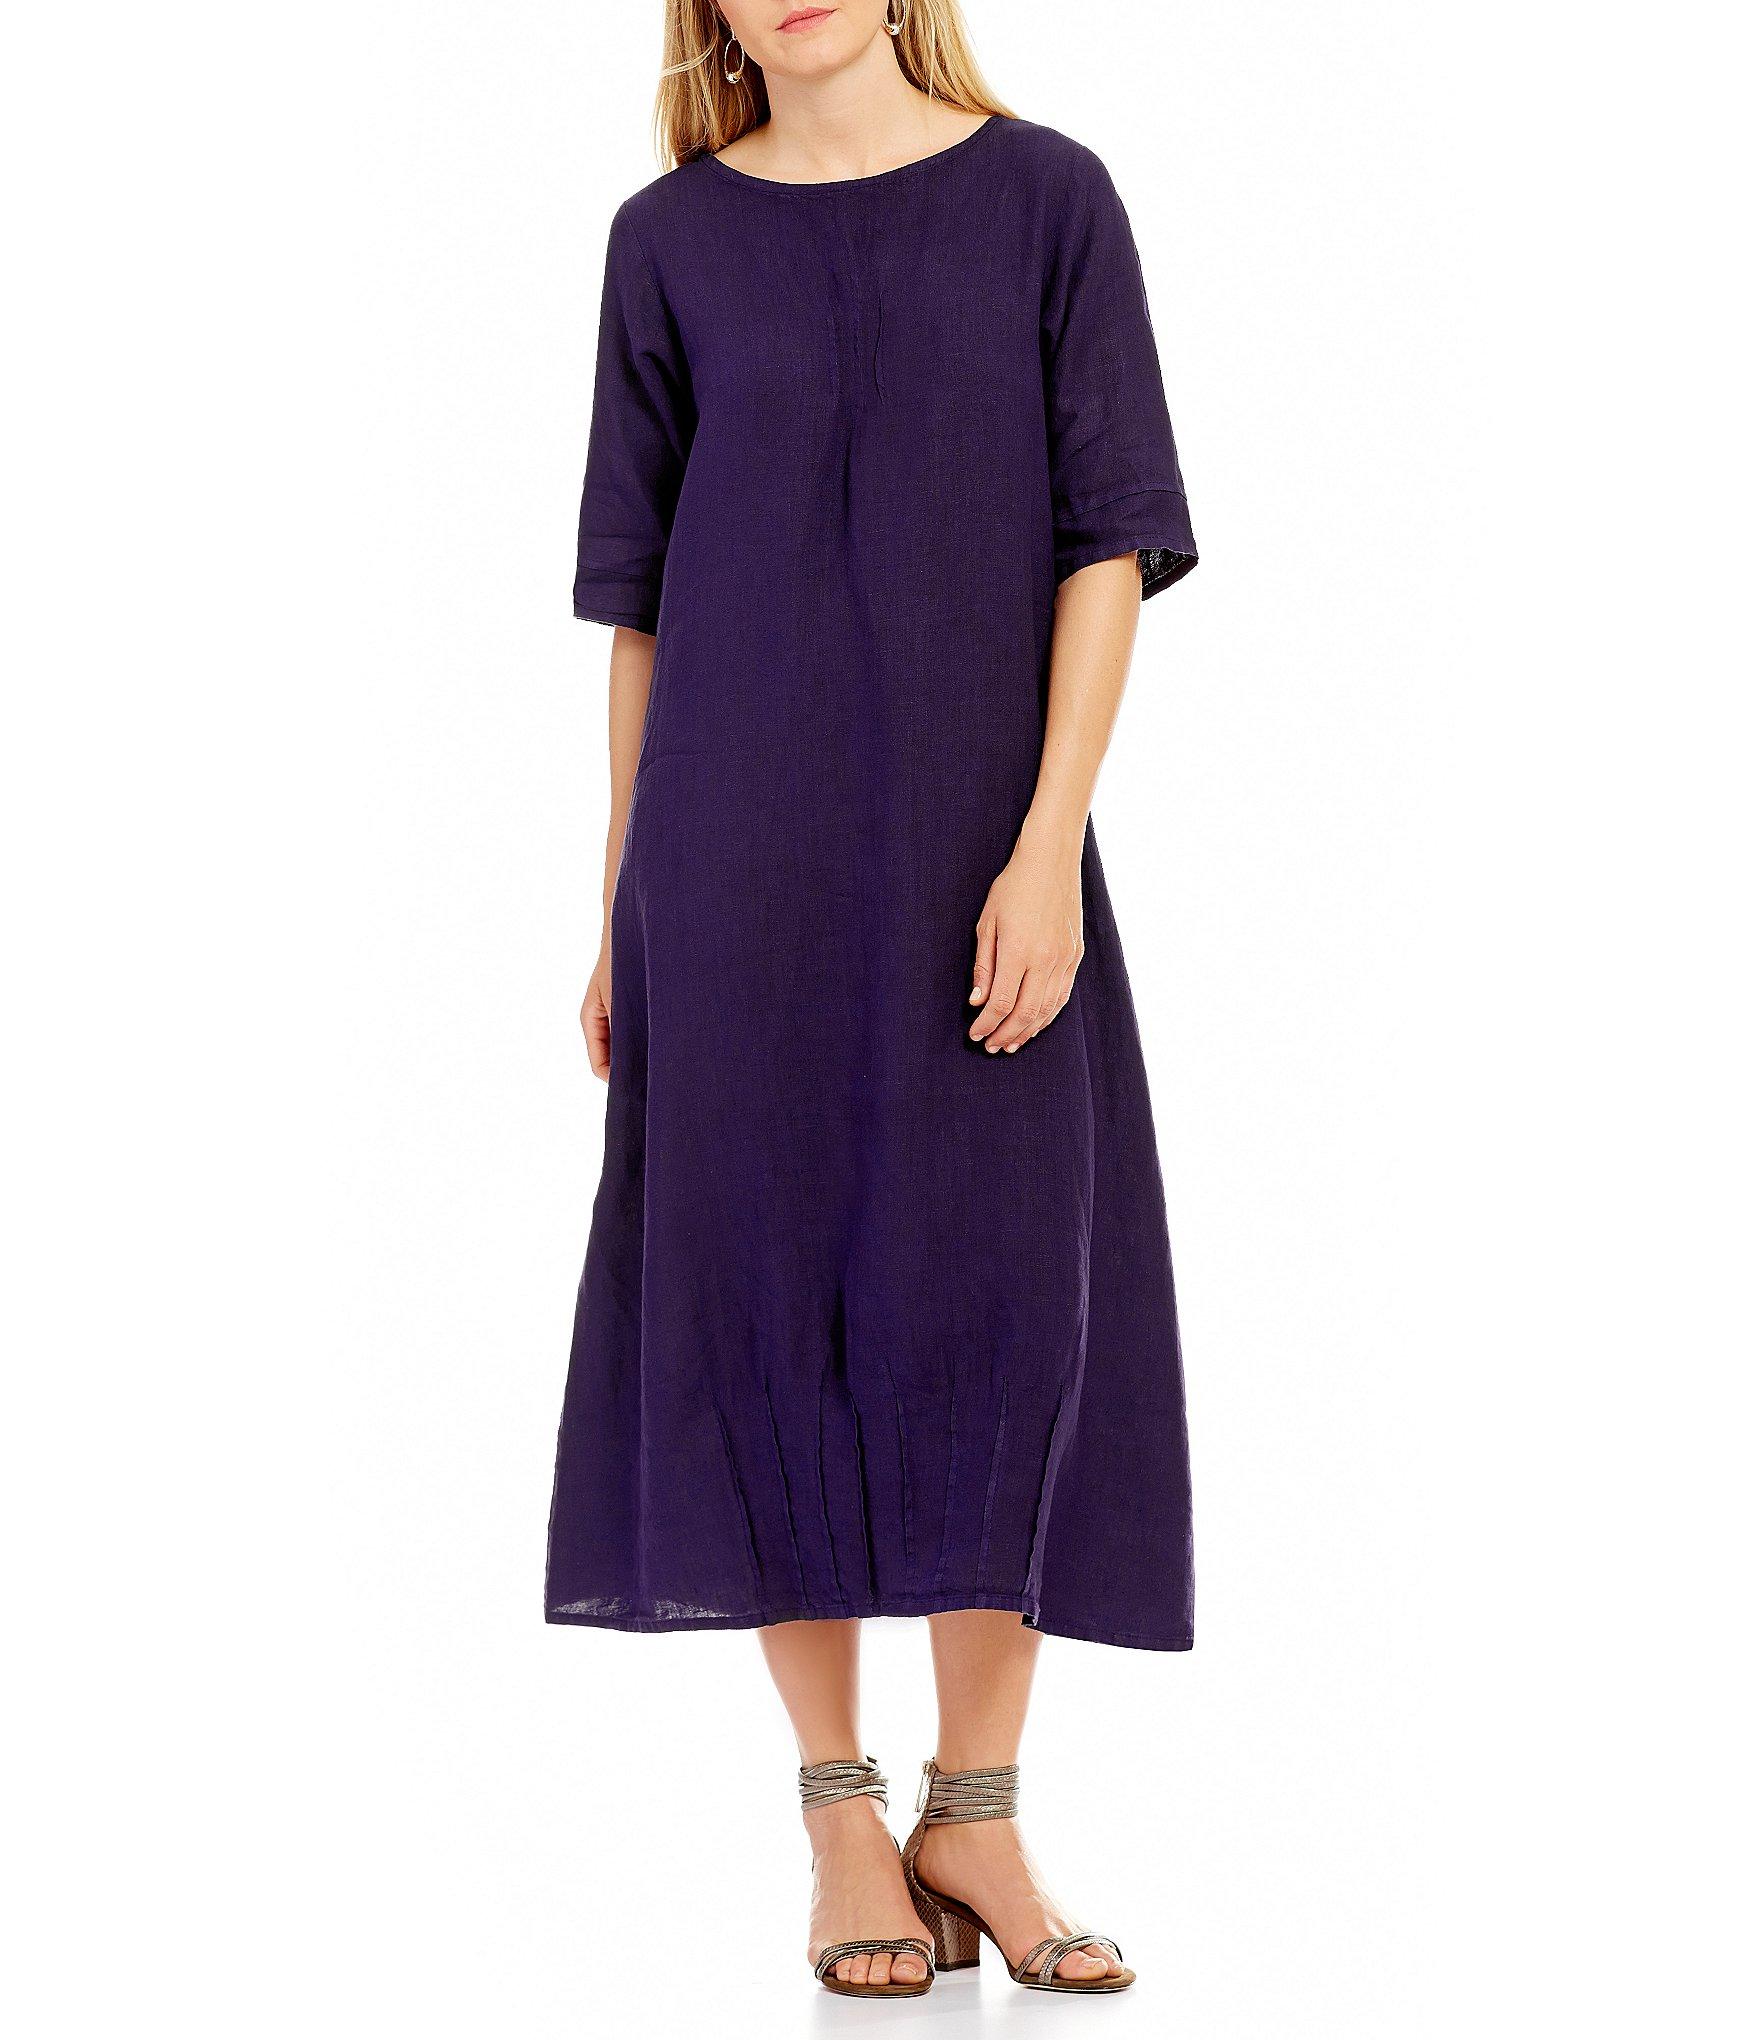 Bryn Walker Light Linen Pintuck Dress